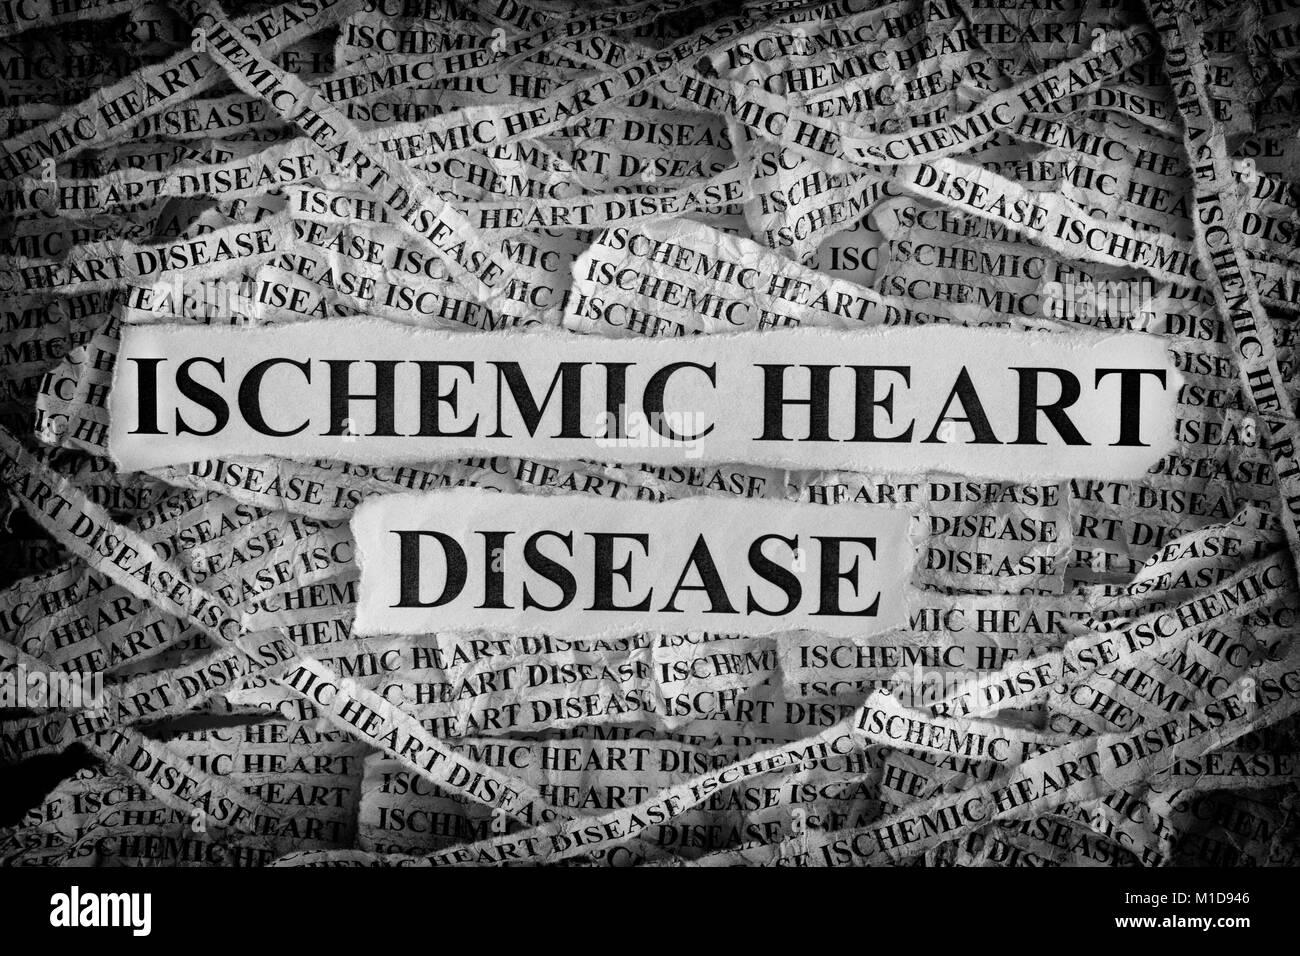 La maladie cardiaque ischémique. Morceaux de papier avec les mots La maladie cardiaque ischémique. Notion Photo Stock